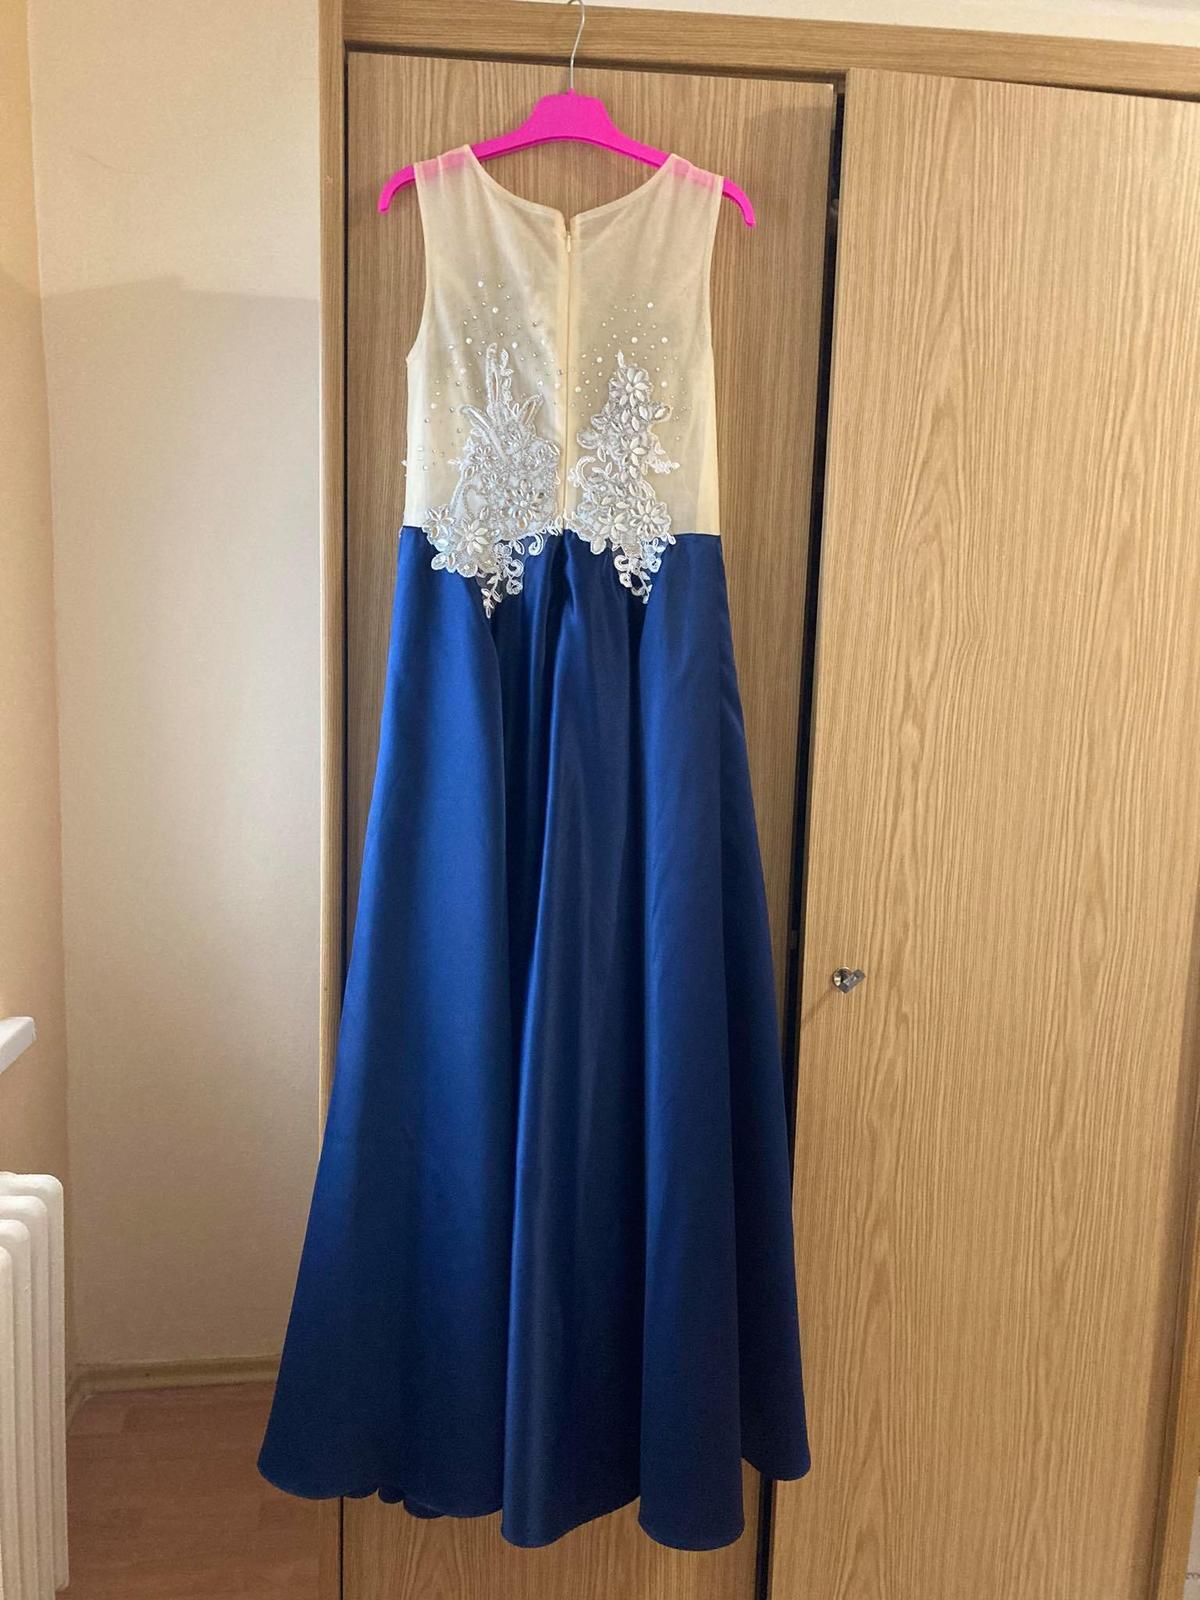 Luxusne šaty veľkosť 34/36 - Obrázok č. 1